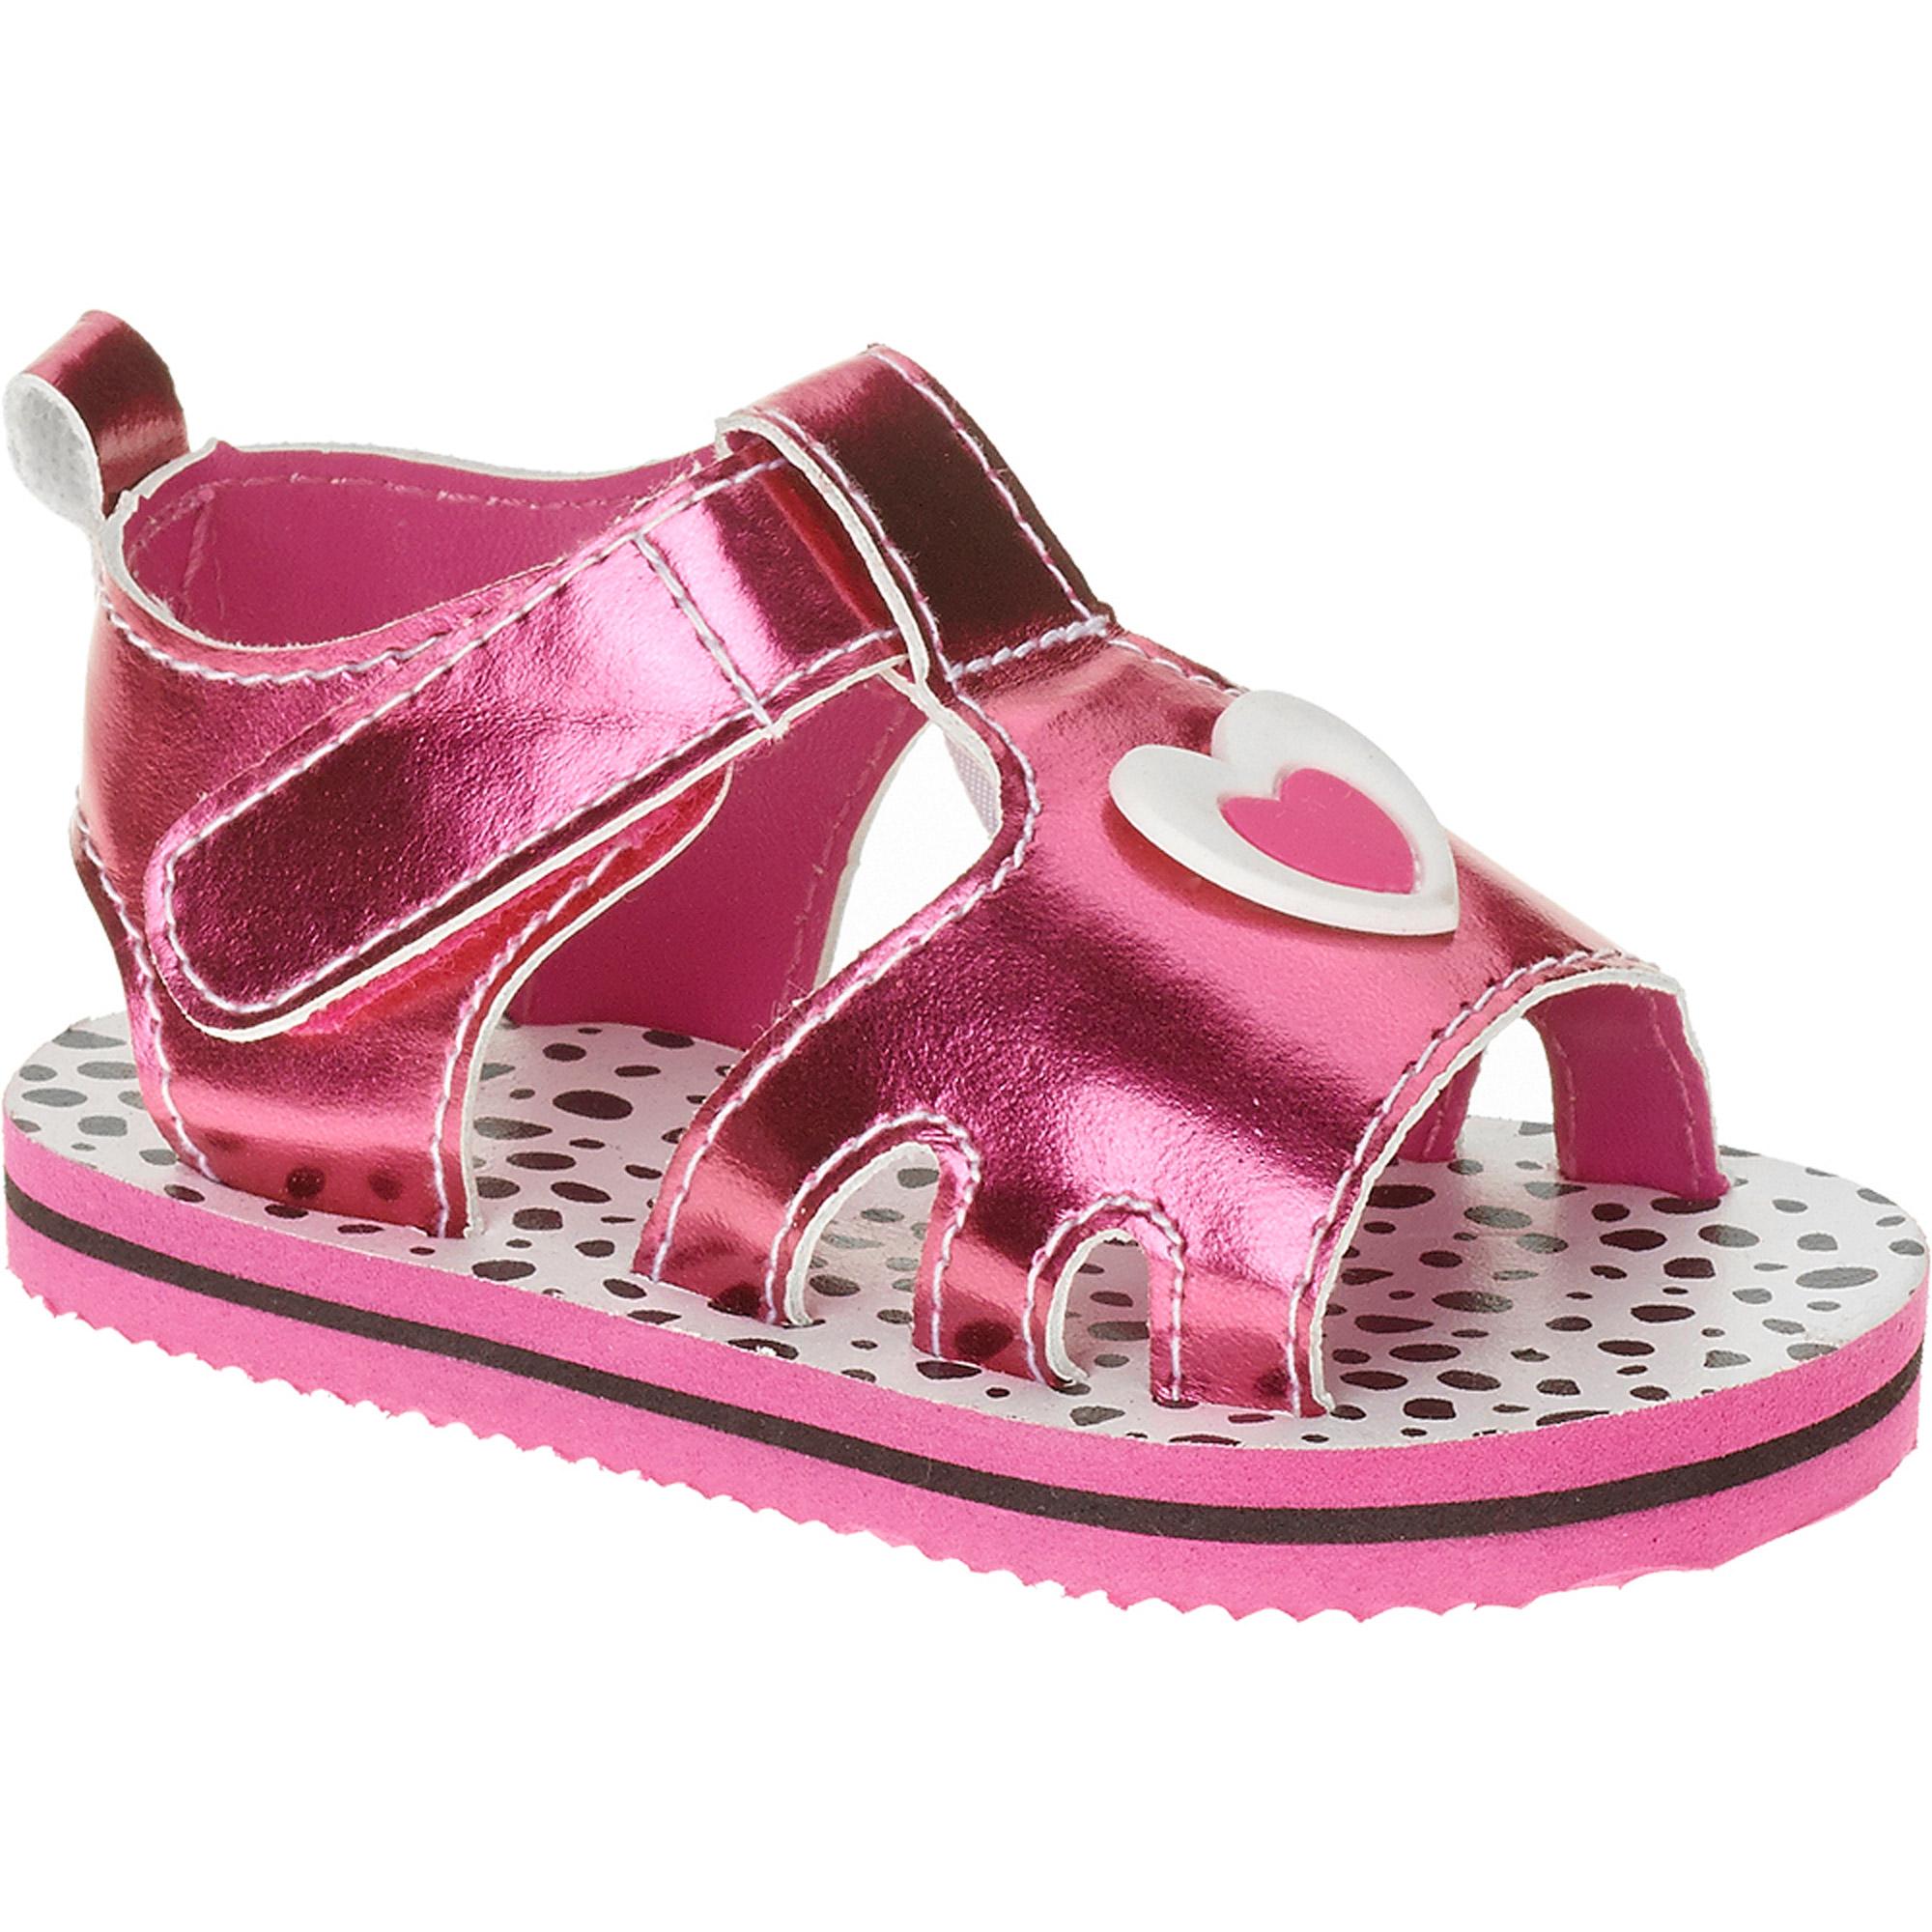 Gerber Newborn Girl Soft-Sole Heart Sandals